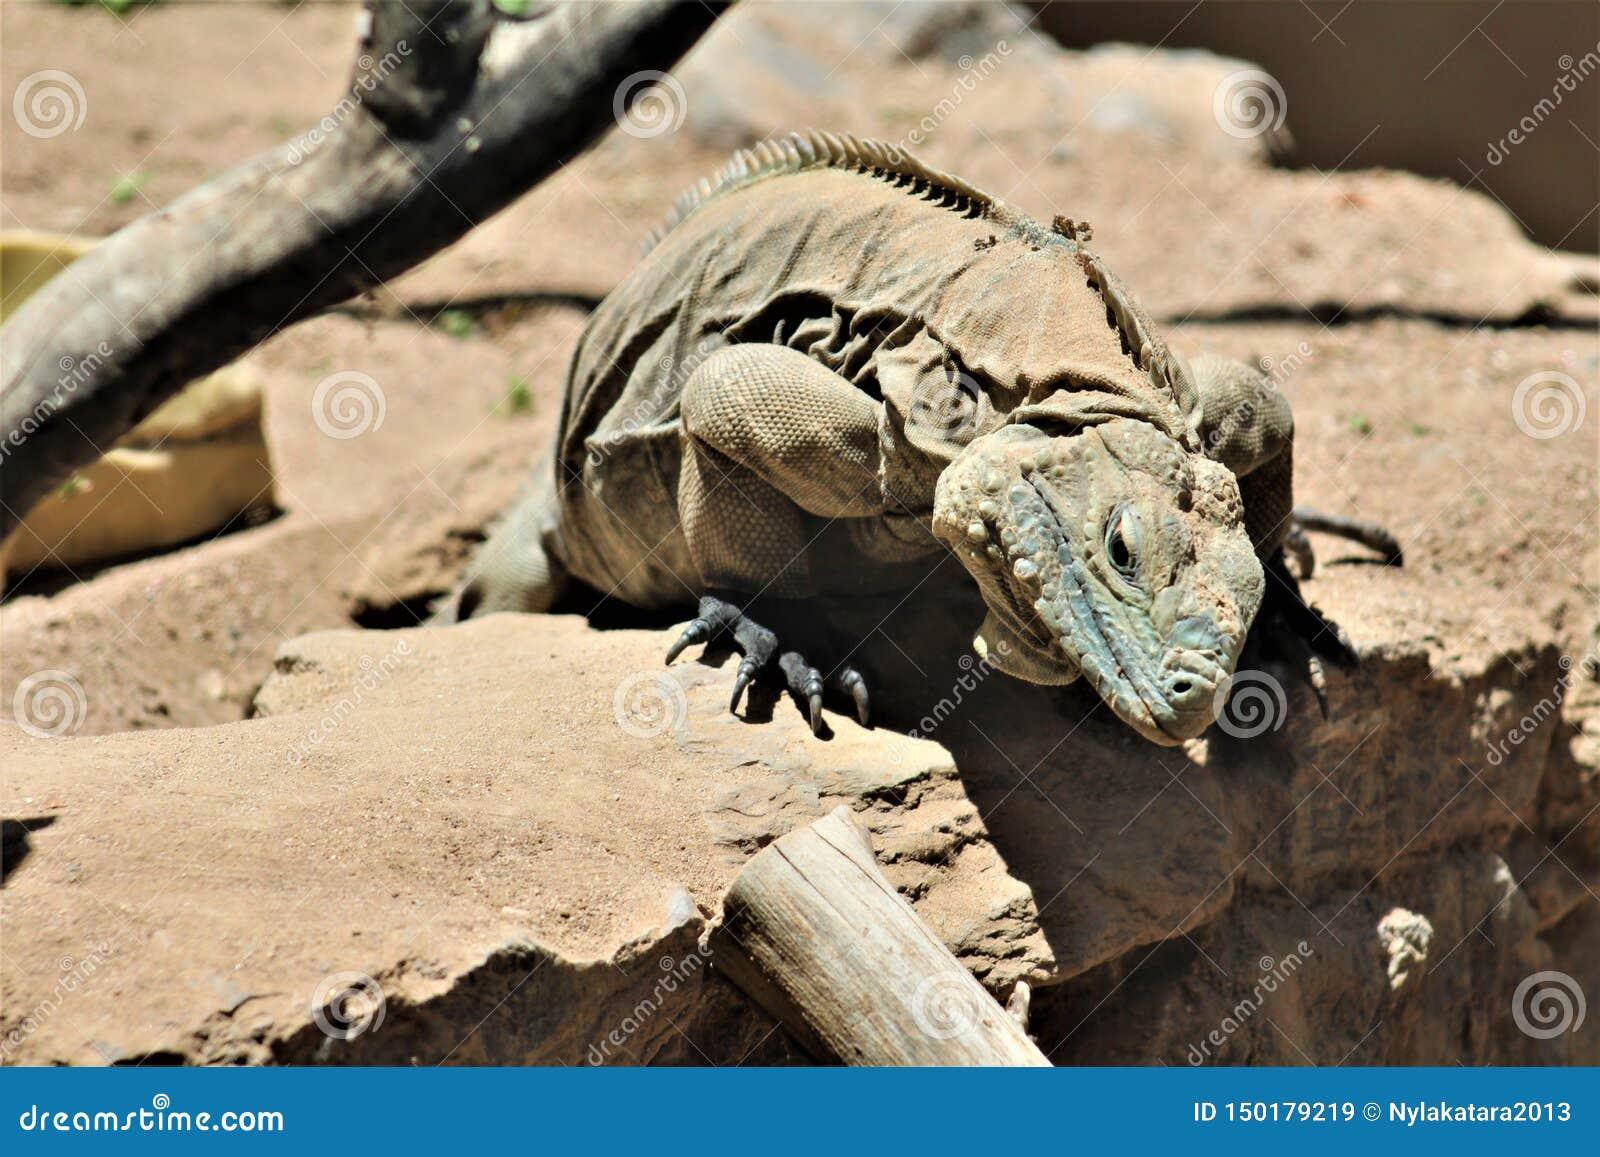 Grand Cayman Blue Iguana, Phoenix Zoo, Arizona Center for Nature Conservation, Phoenix, Arizona, United States